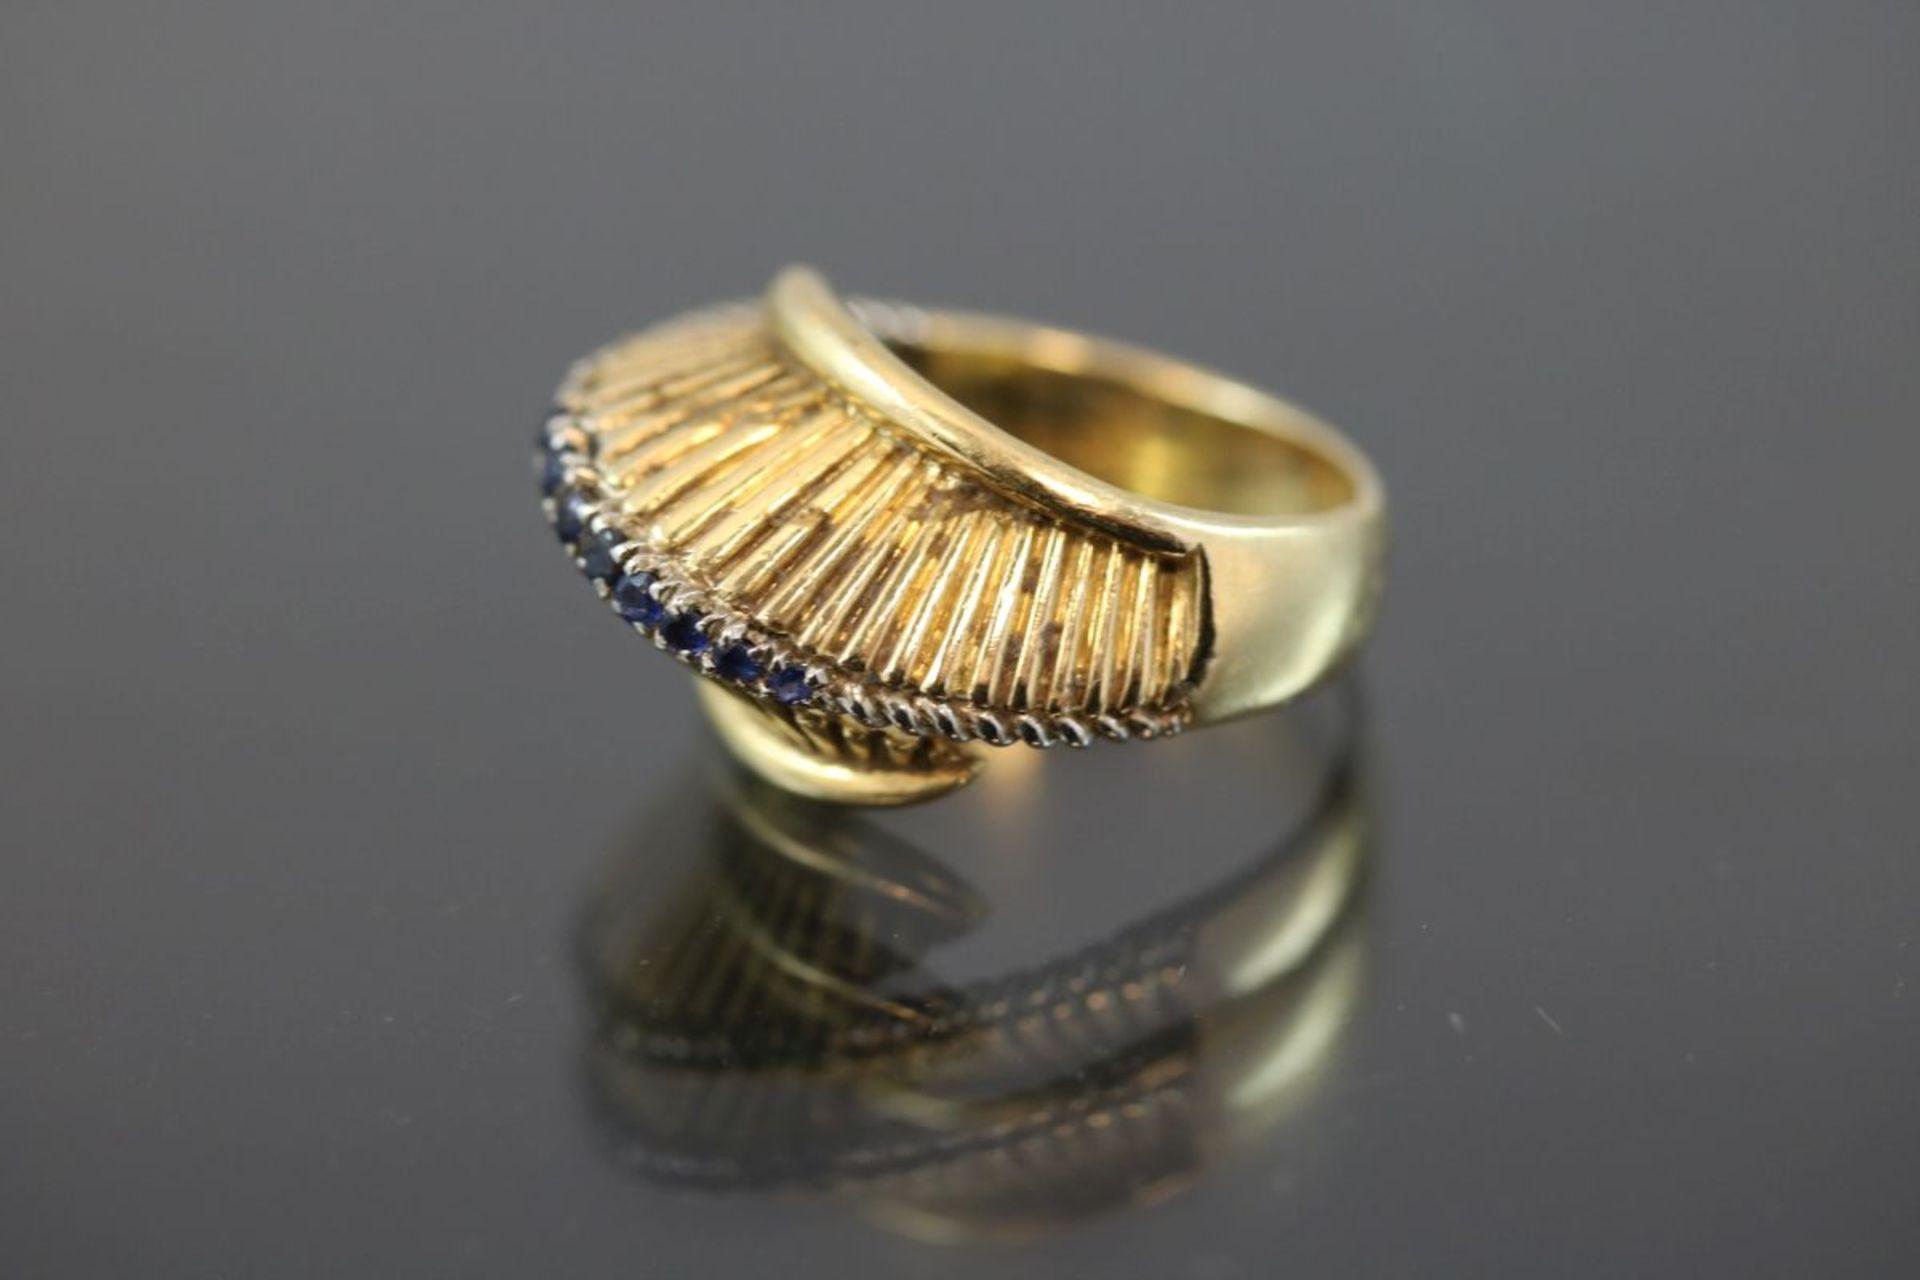 Saphir-Ring, 750 Gelbgold9,2 Gramm Ringgröße: 52Schätzpreis: 700,- - Bild 2 aus 3